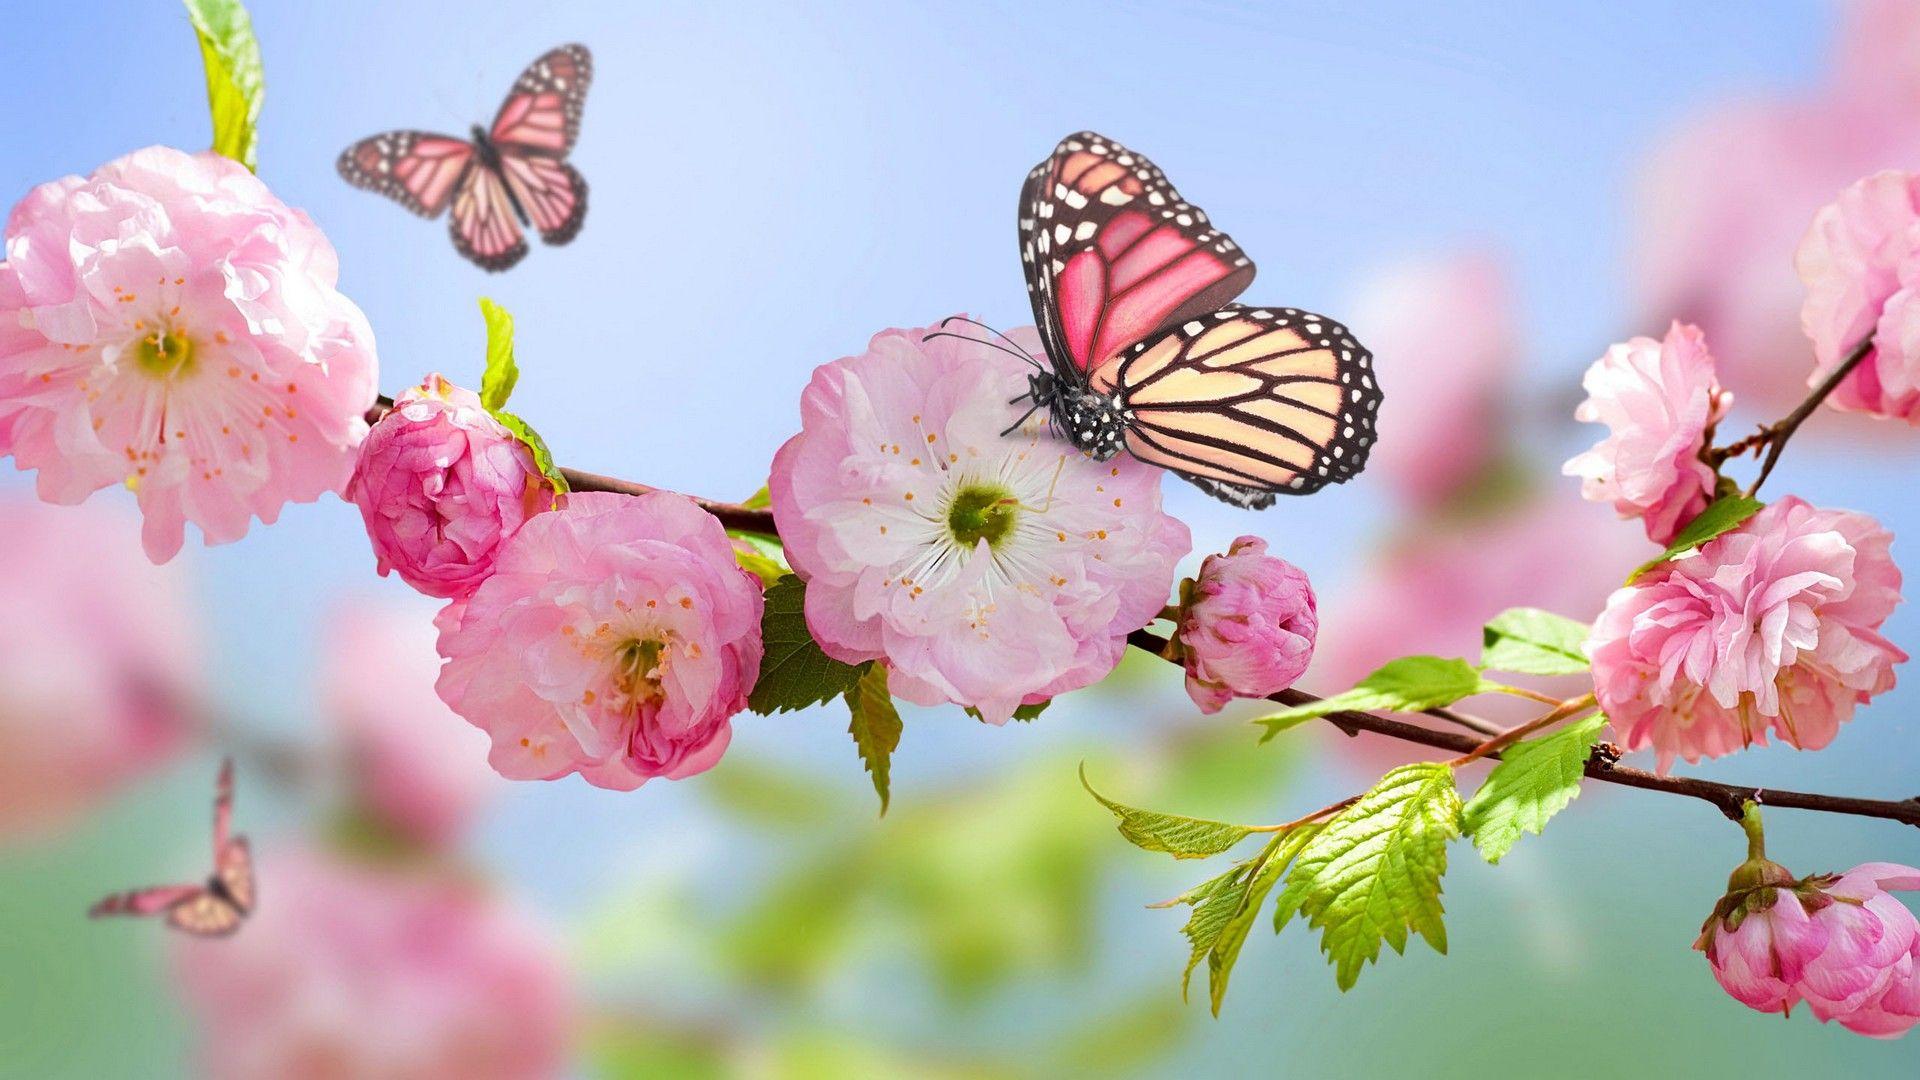 Early Spring Wallpaper Best Wallpaper Hd Spring Wallpaper Flower Wallpaper Butterfly Wallpaper